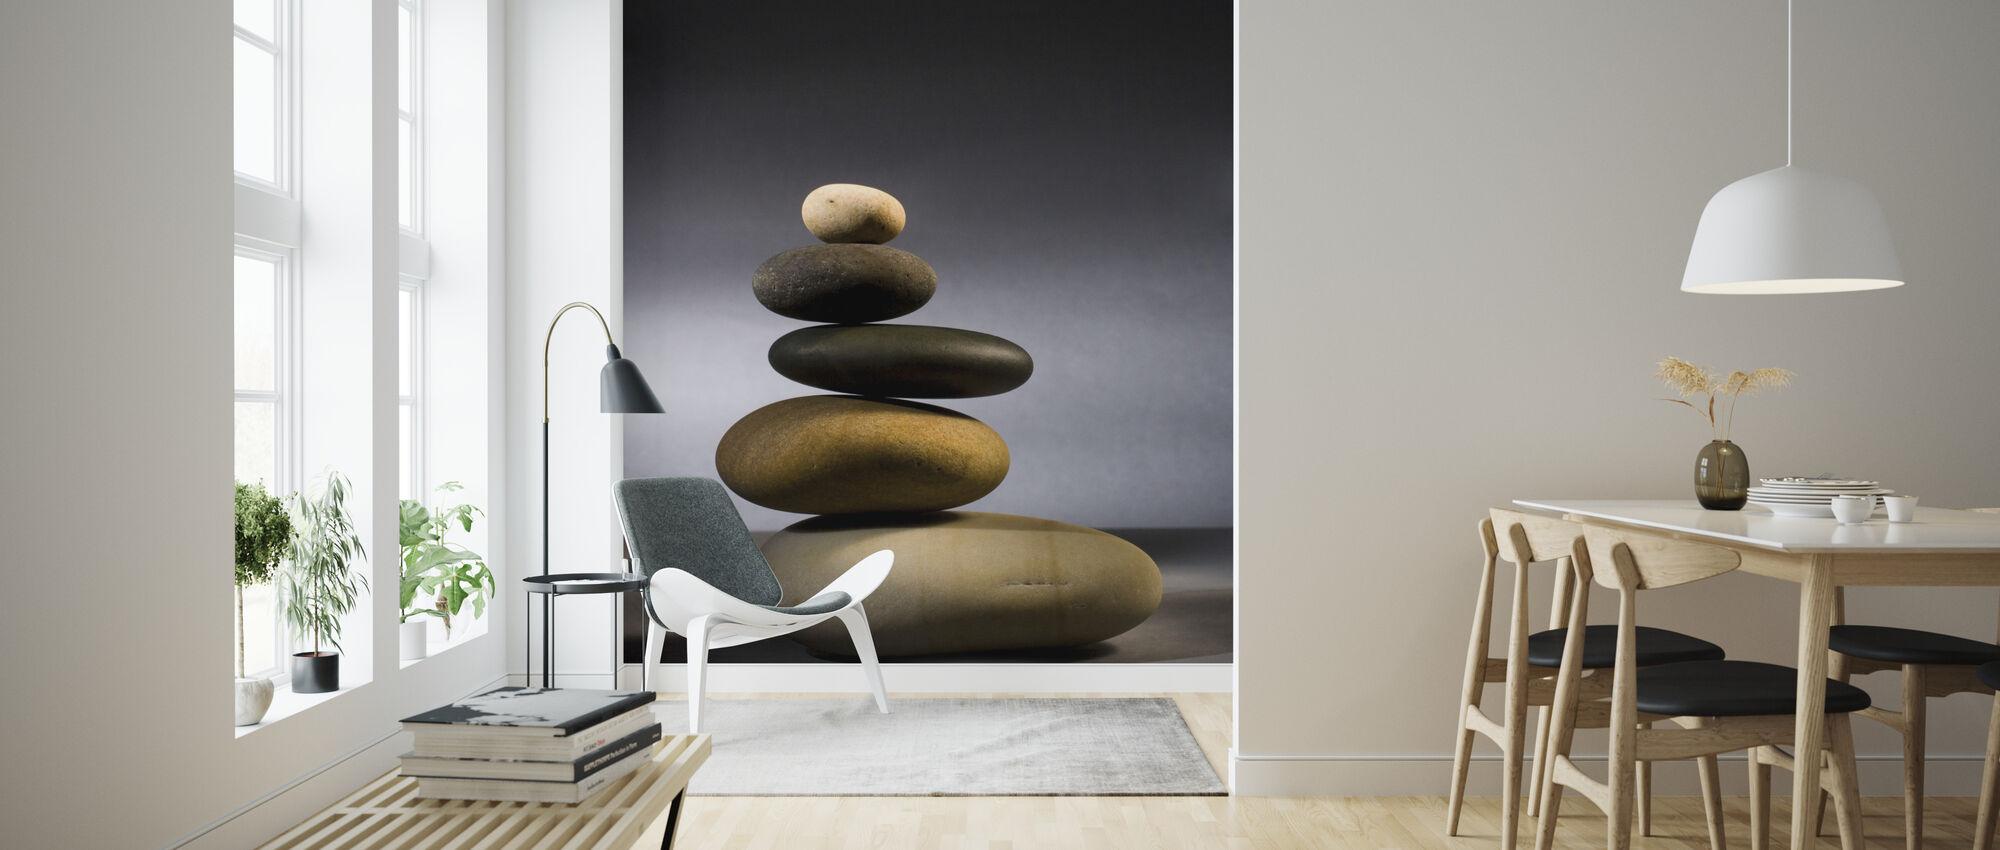 Stones in Zen Balance - Wallpaper - Living Room